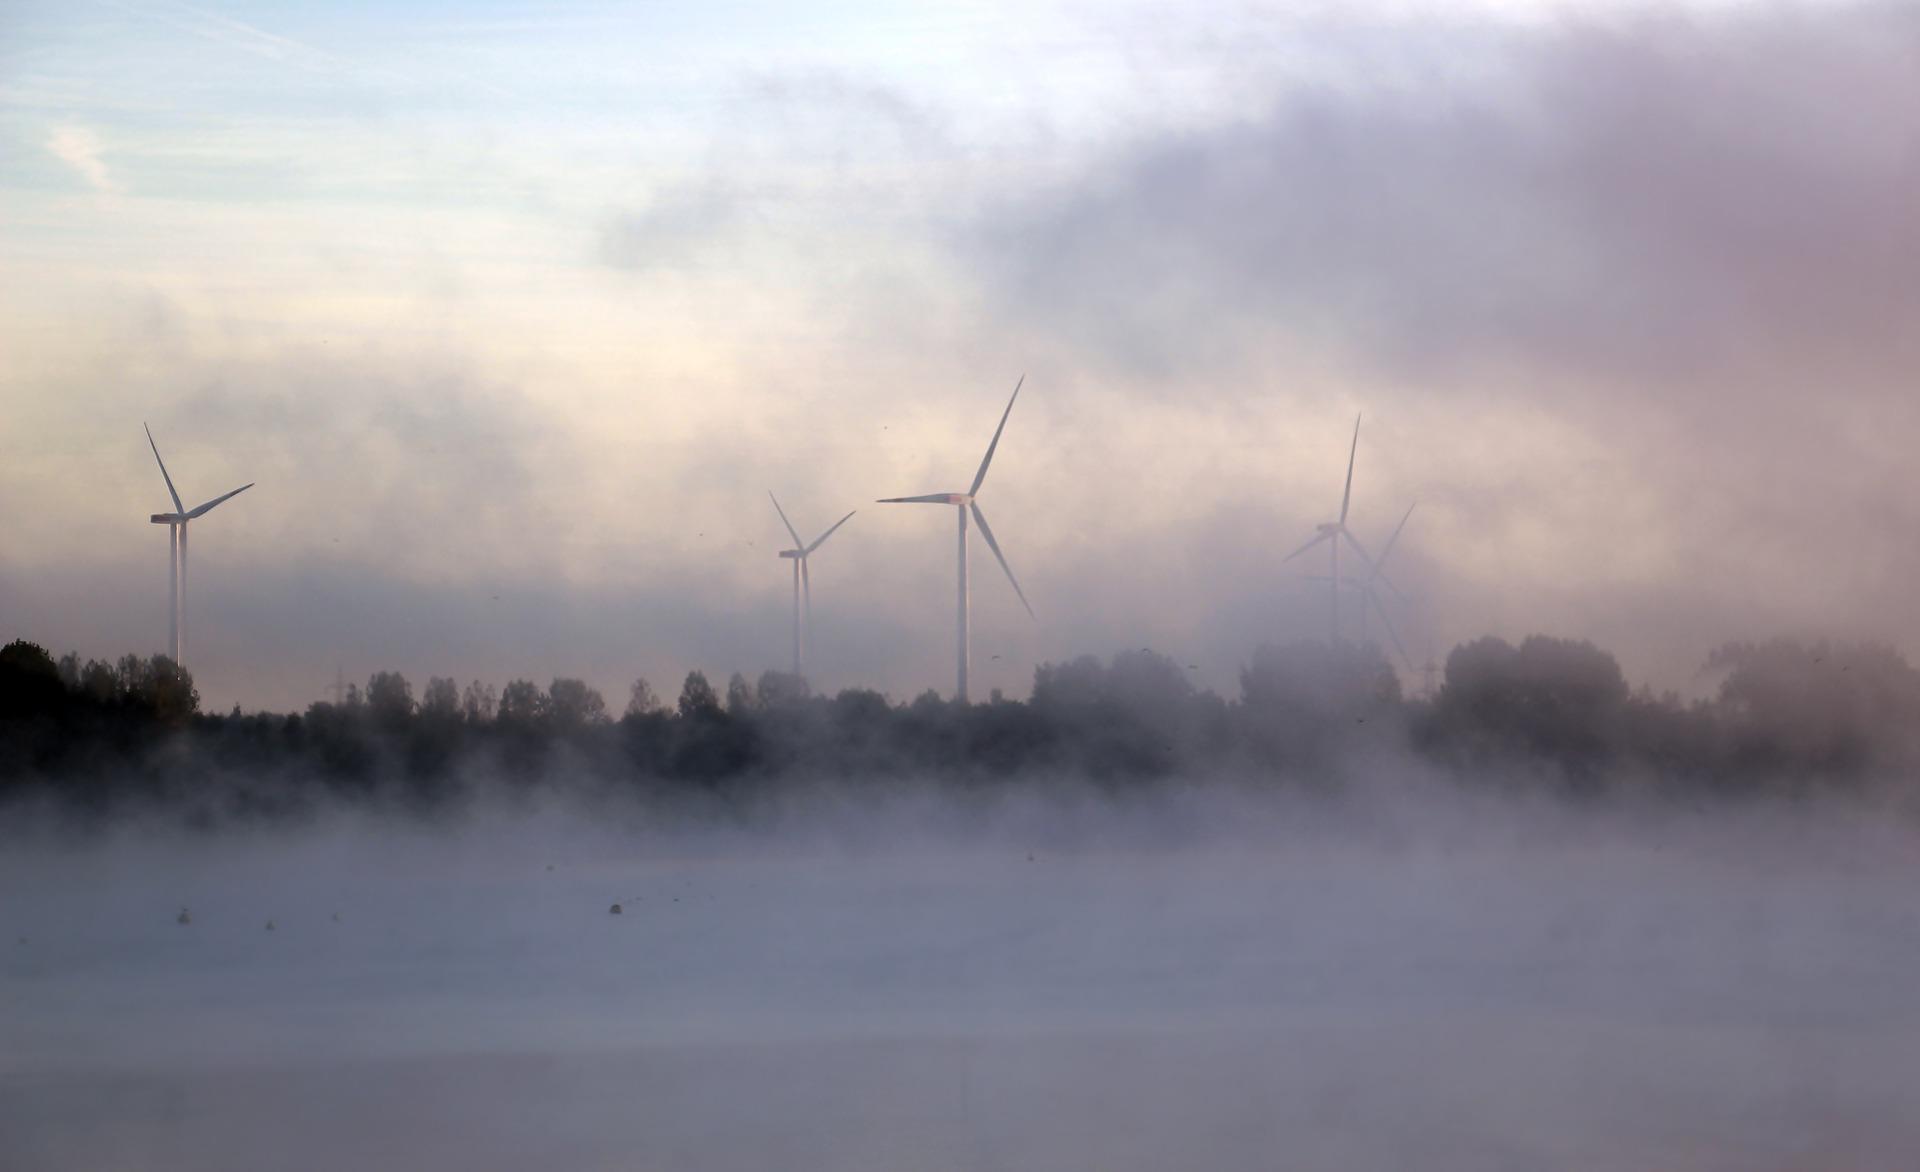 NECP: Ein Windkraftwerk im Morgennebel. Es ist nur schwach im Hintergrund zu erkennen